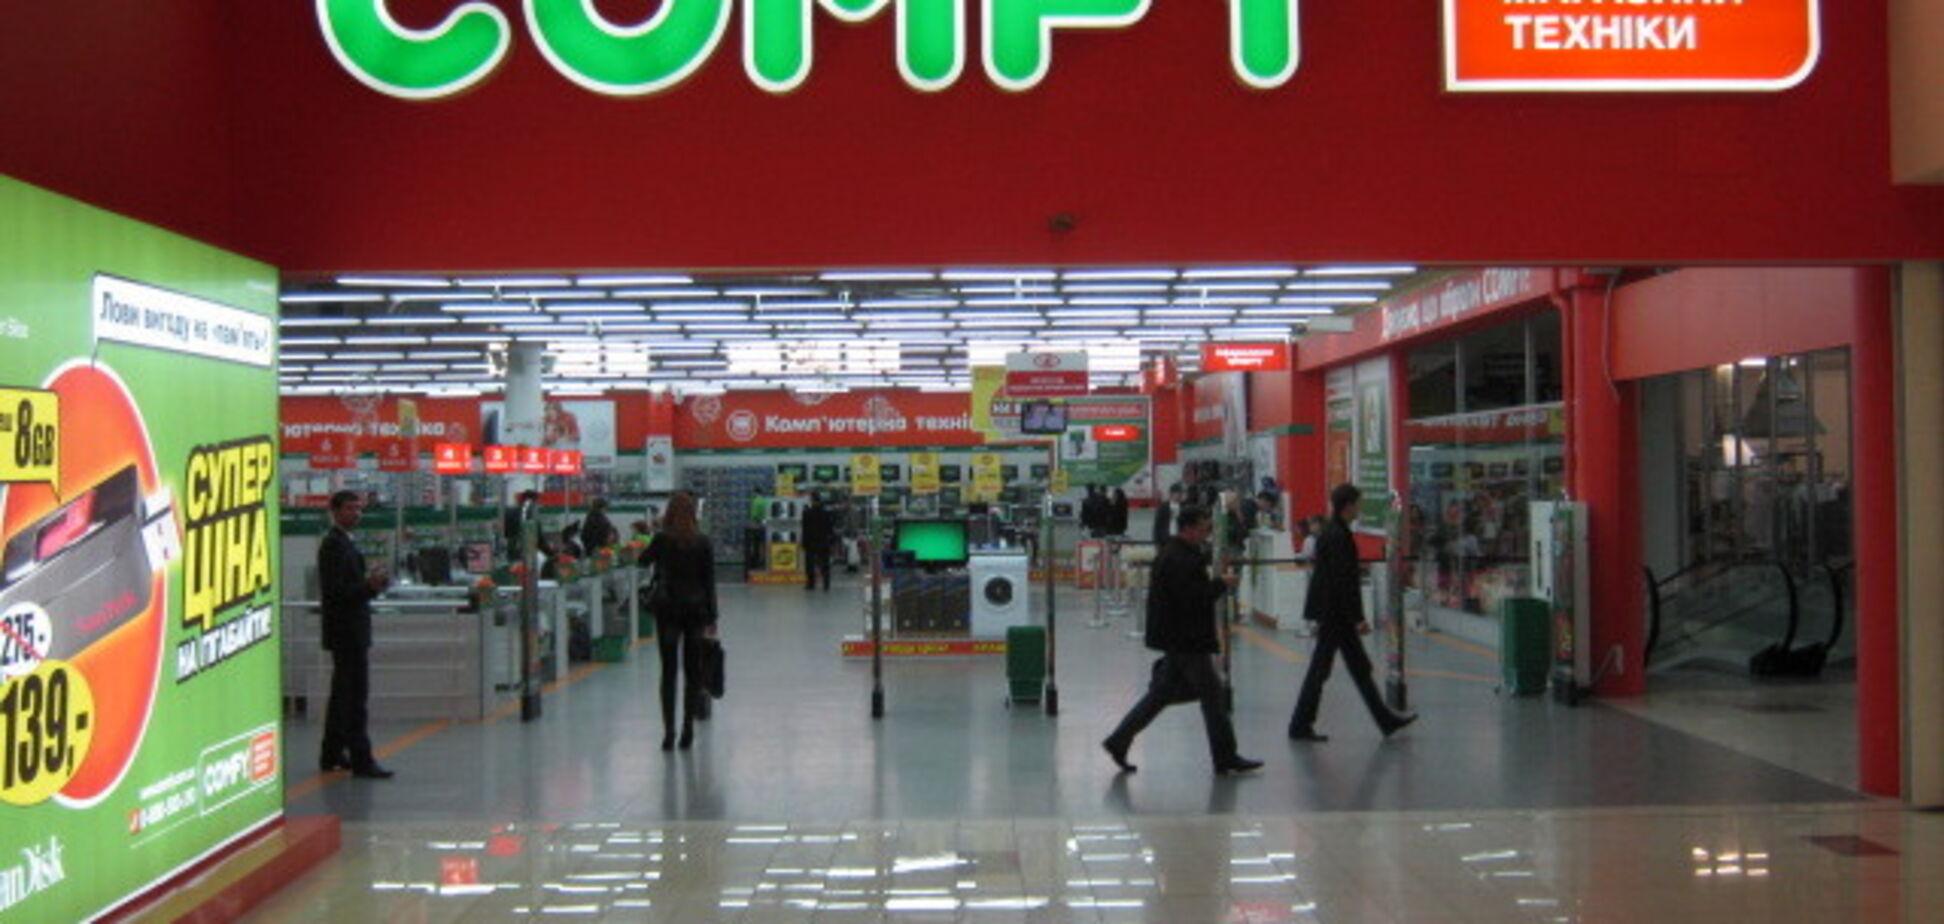 'Просто тр*ндец': популярный магазин техники угодил в скандал